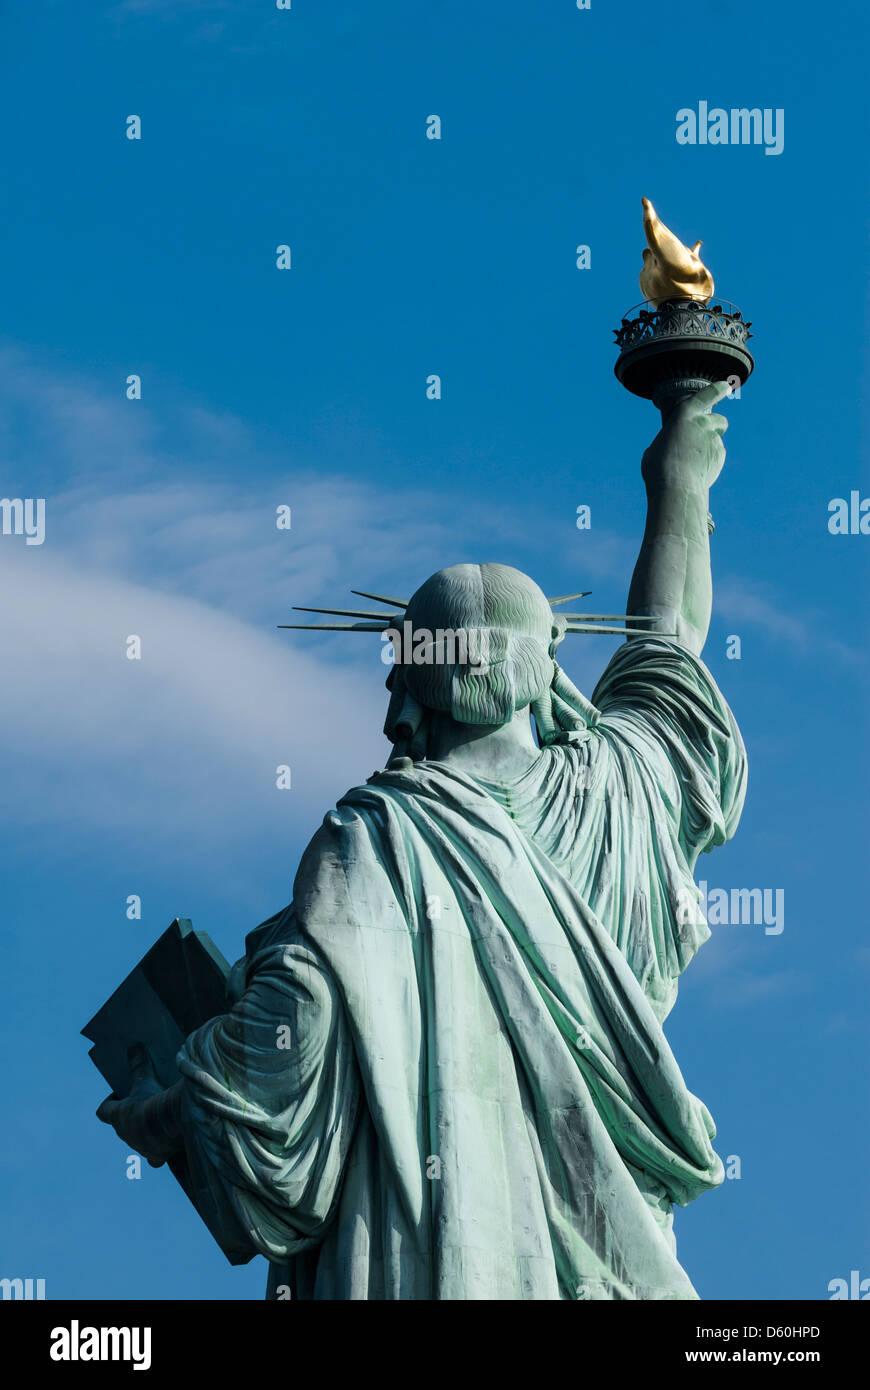 Il retro della Statua della Libertà, Liberty Island, New York New York, Stati Uniti d'America, STATI UNITI Immagini Stock